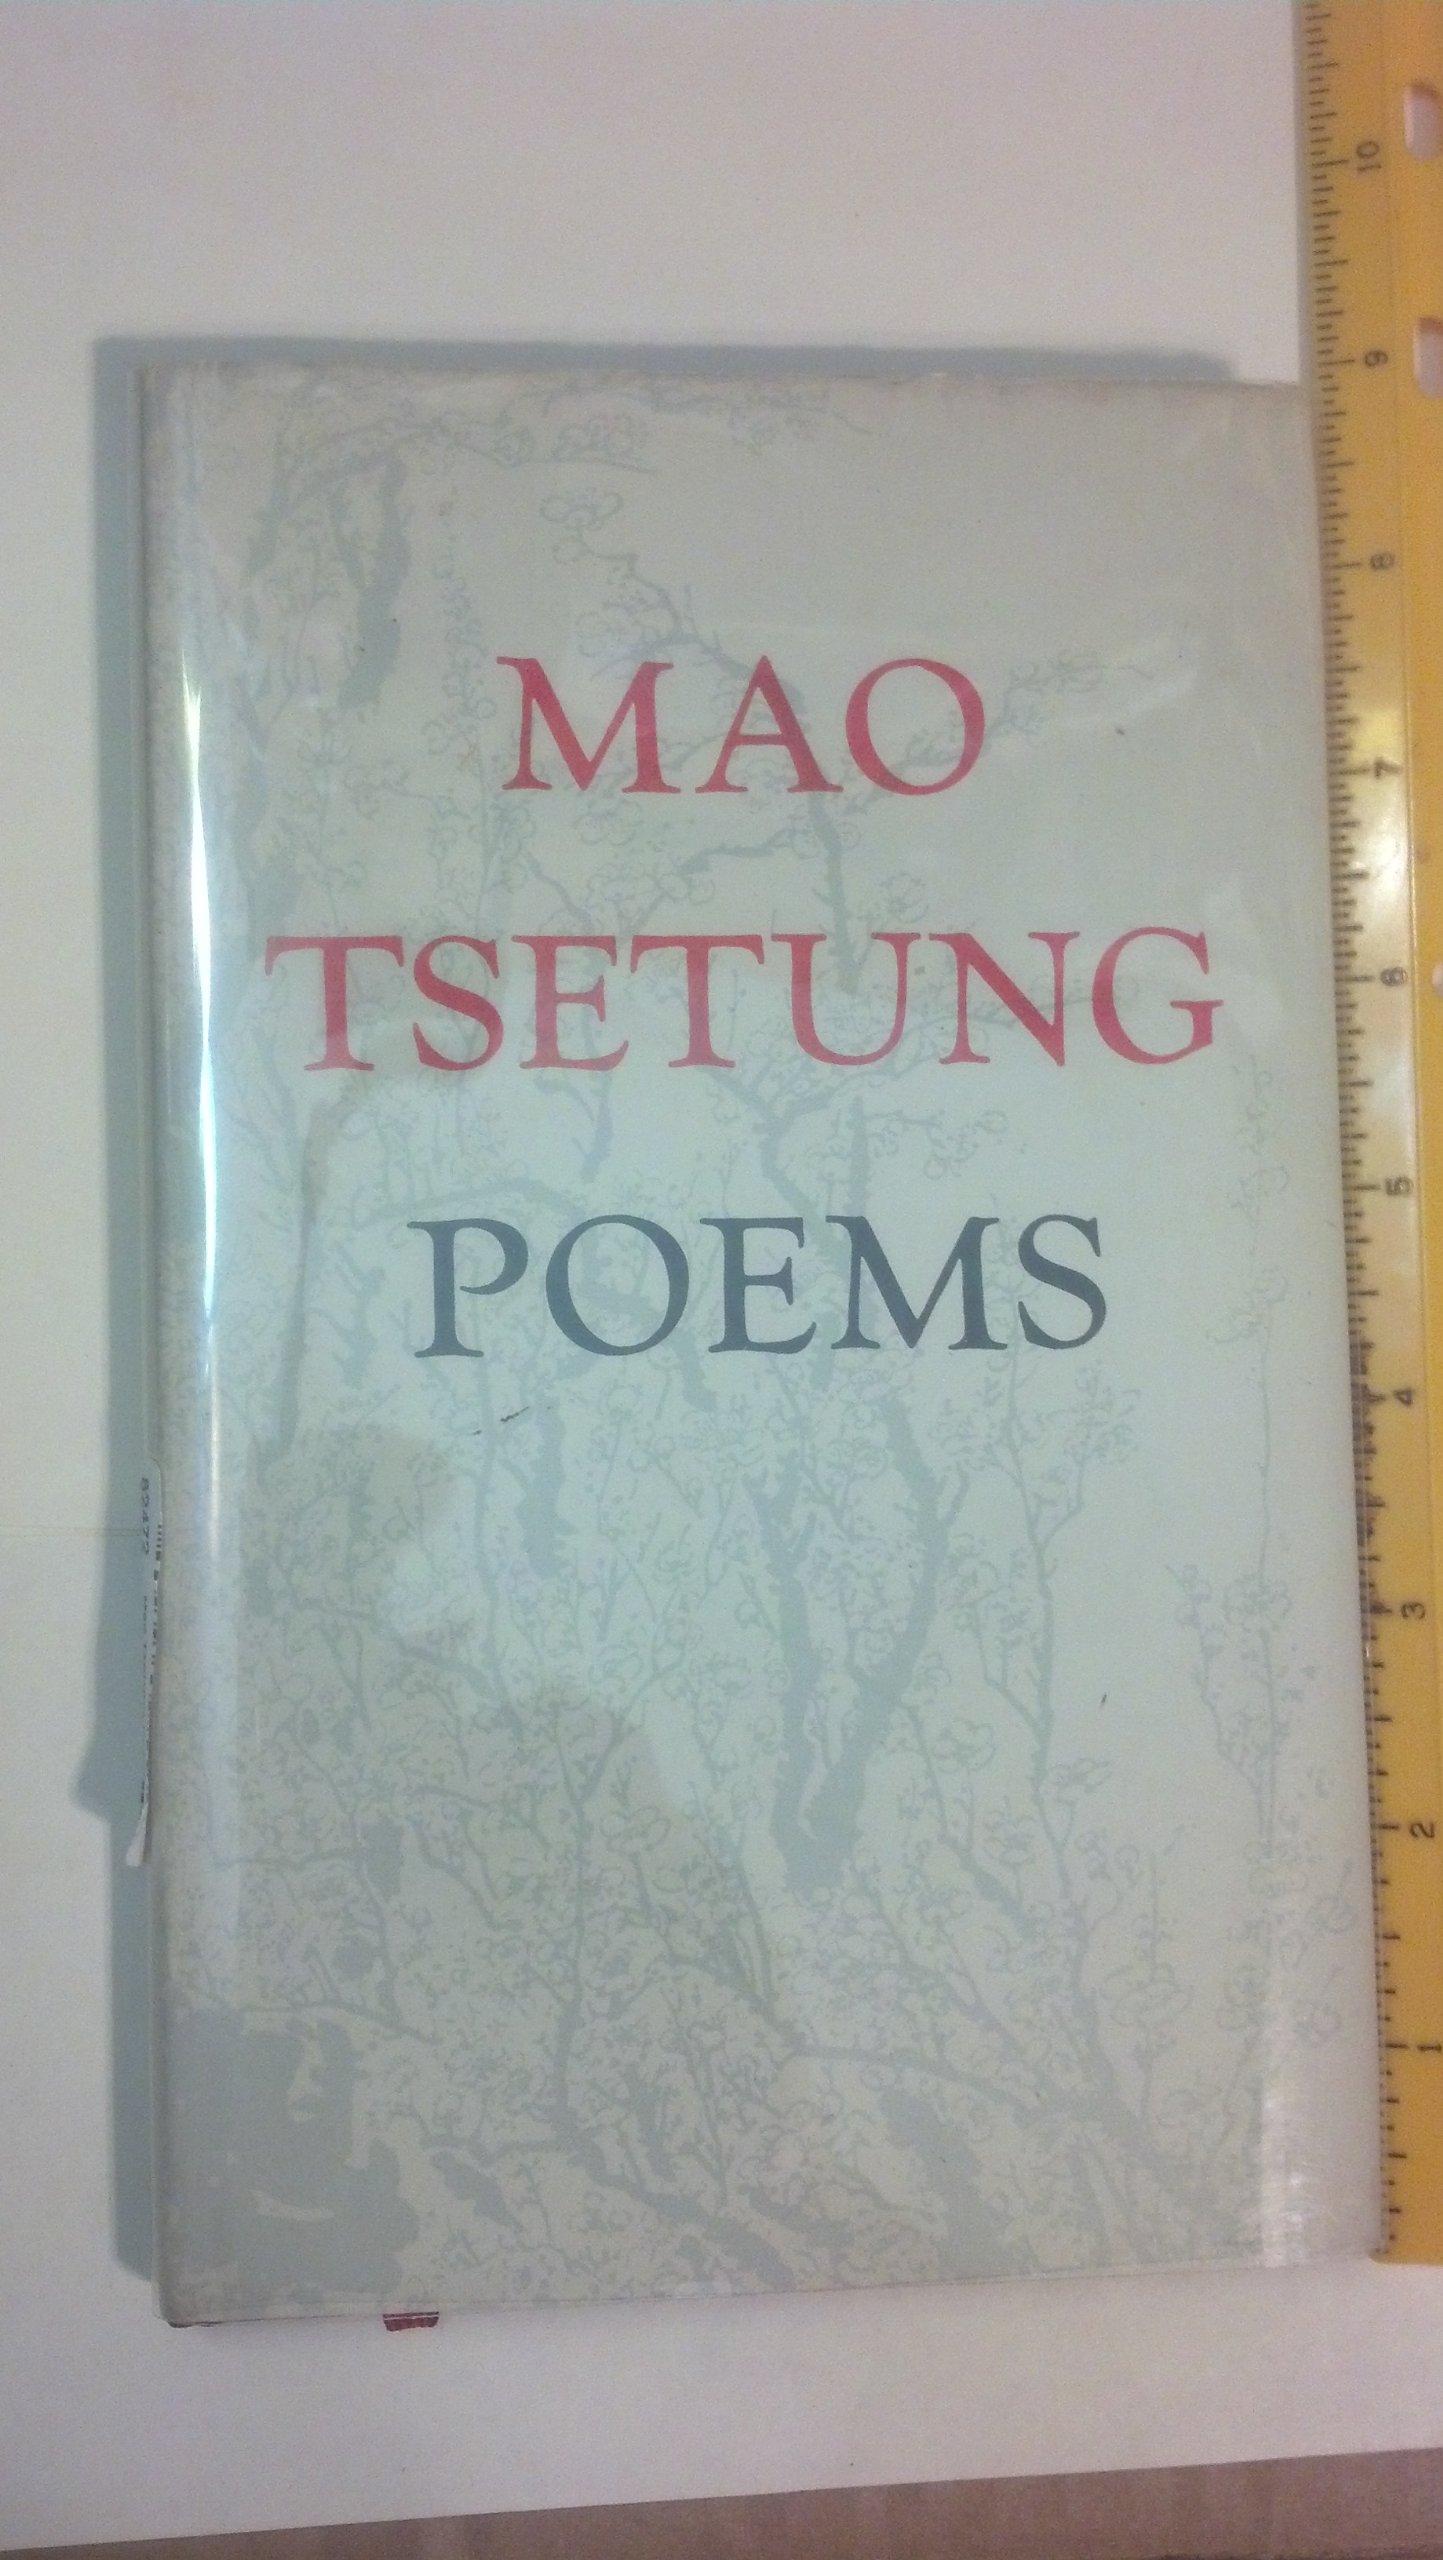 Mao Tsetung Poems, Mao Tsetung